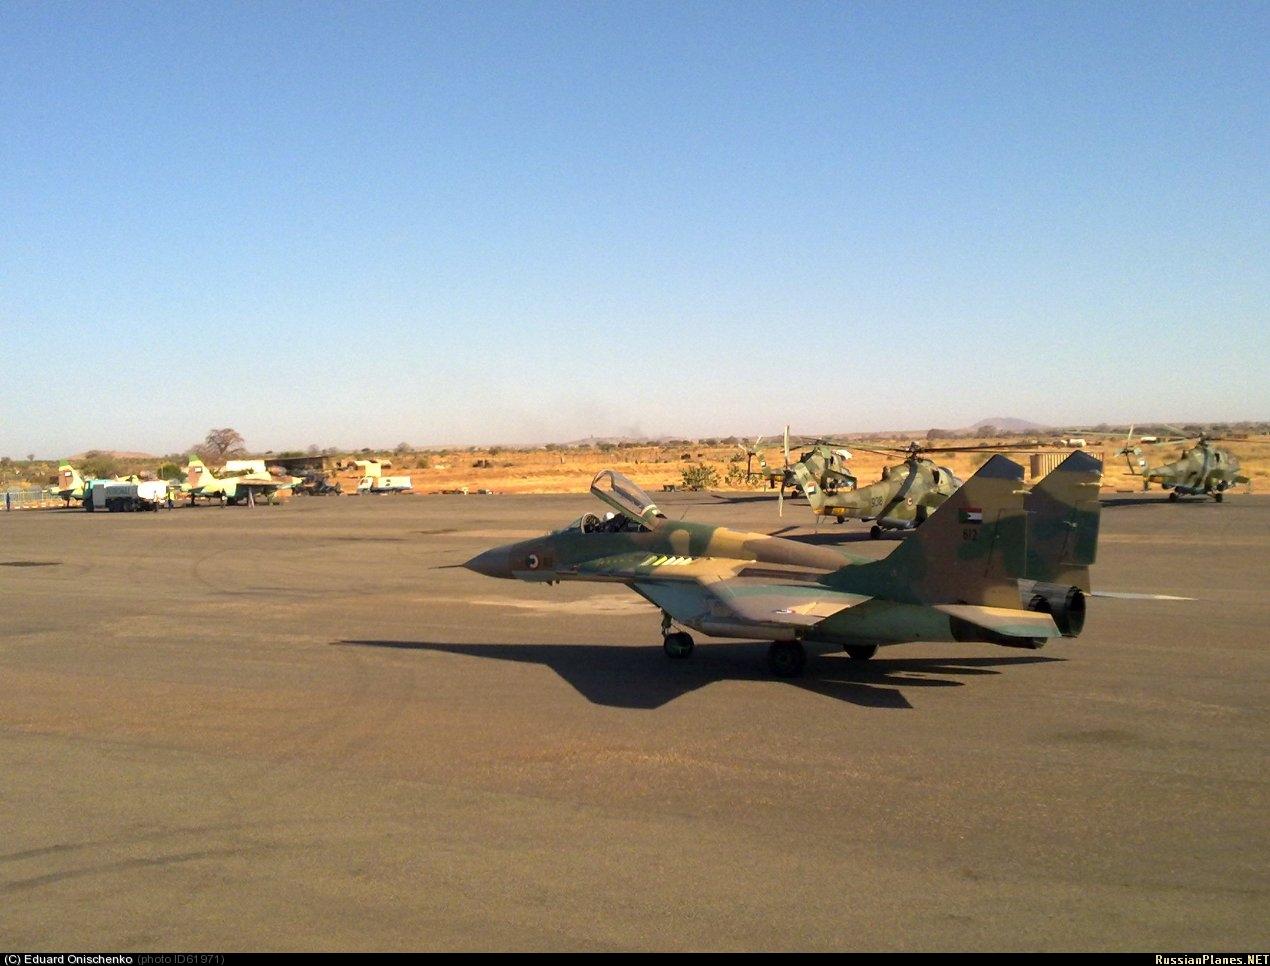 نقاش : كيف تتصدي السودان لهجمات اسرائيل الجوية ؟ - صفحة 6 SUDAN+28-12-2011